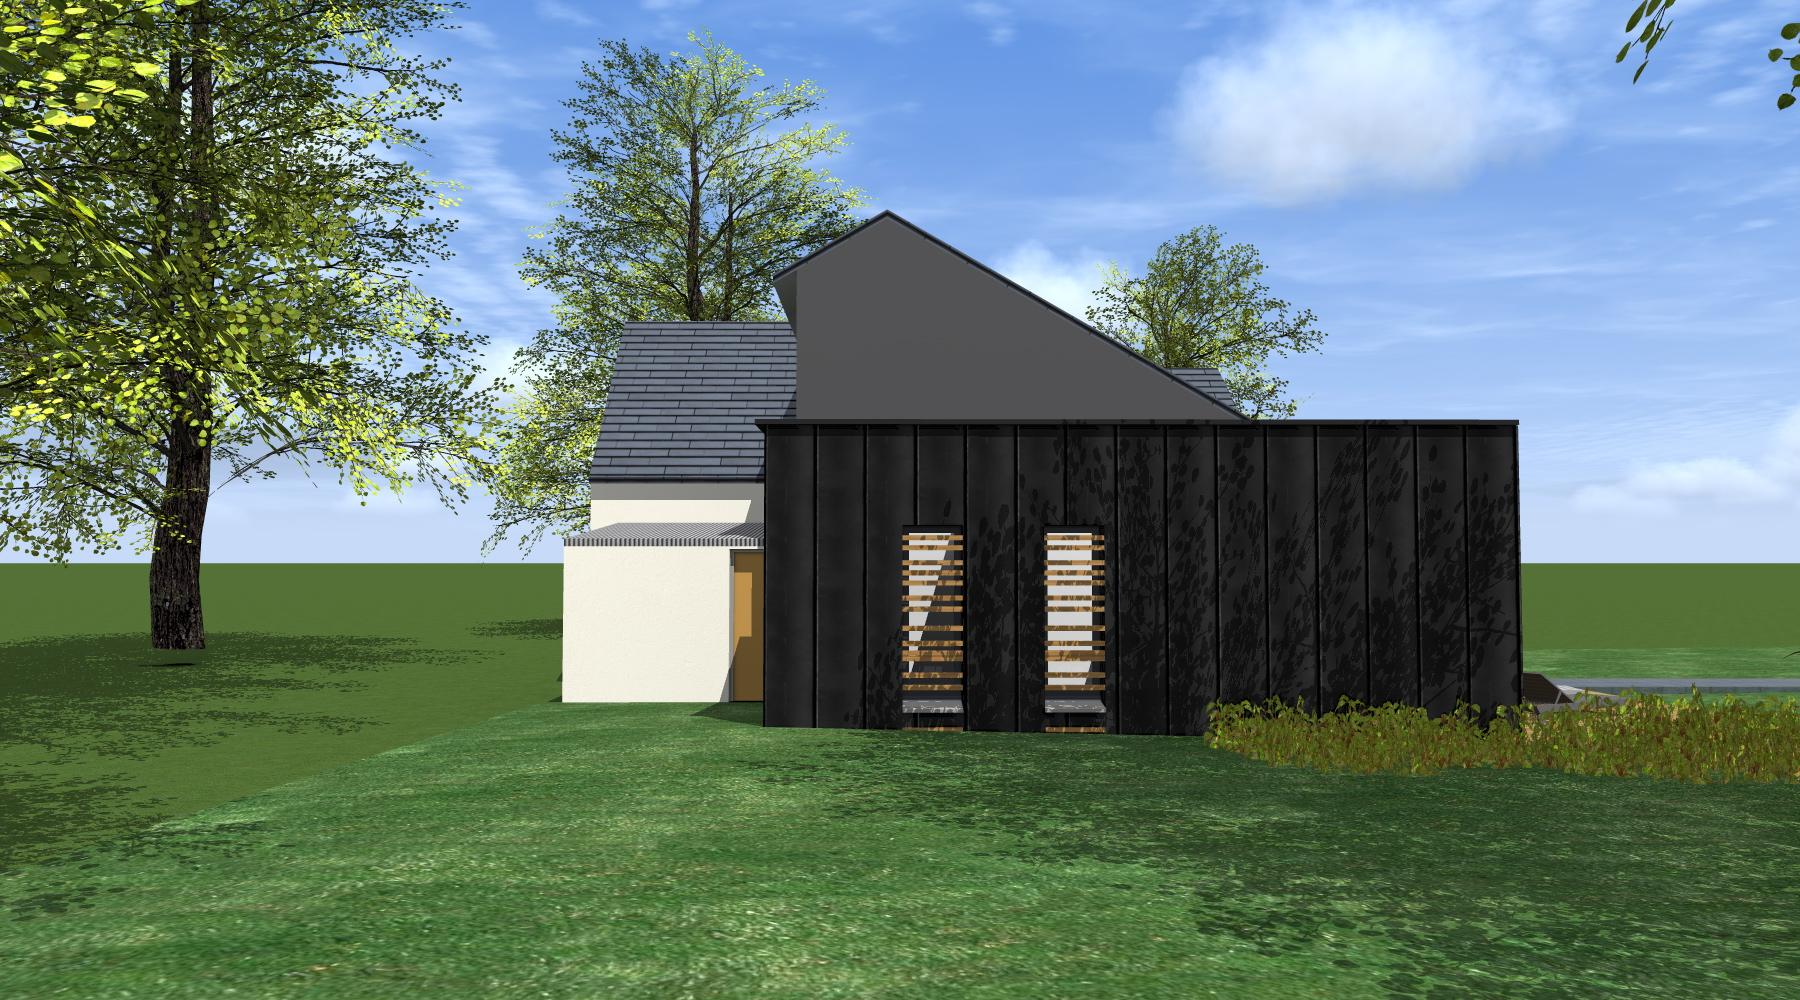 projet l c 1 2 vue architecte lise roturier rennes 35000. Black Bedroom Furniture Sets. Home Design Ideas